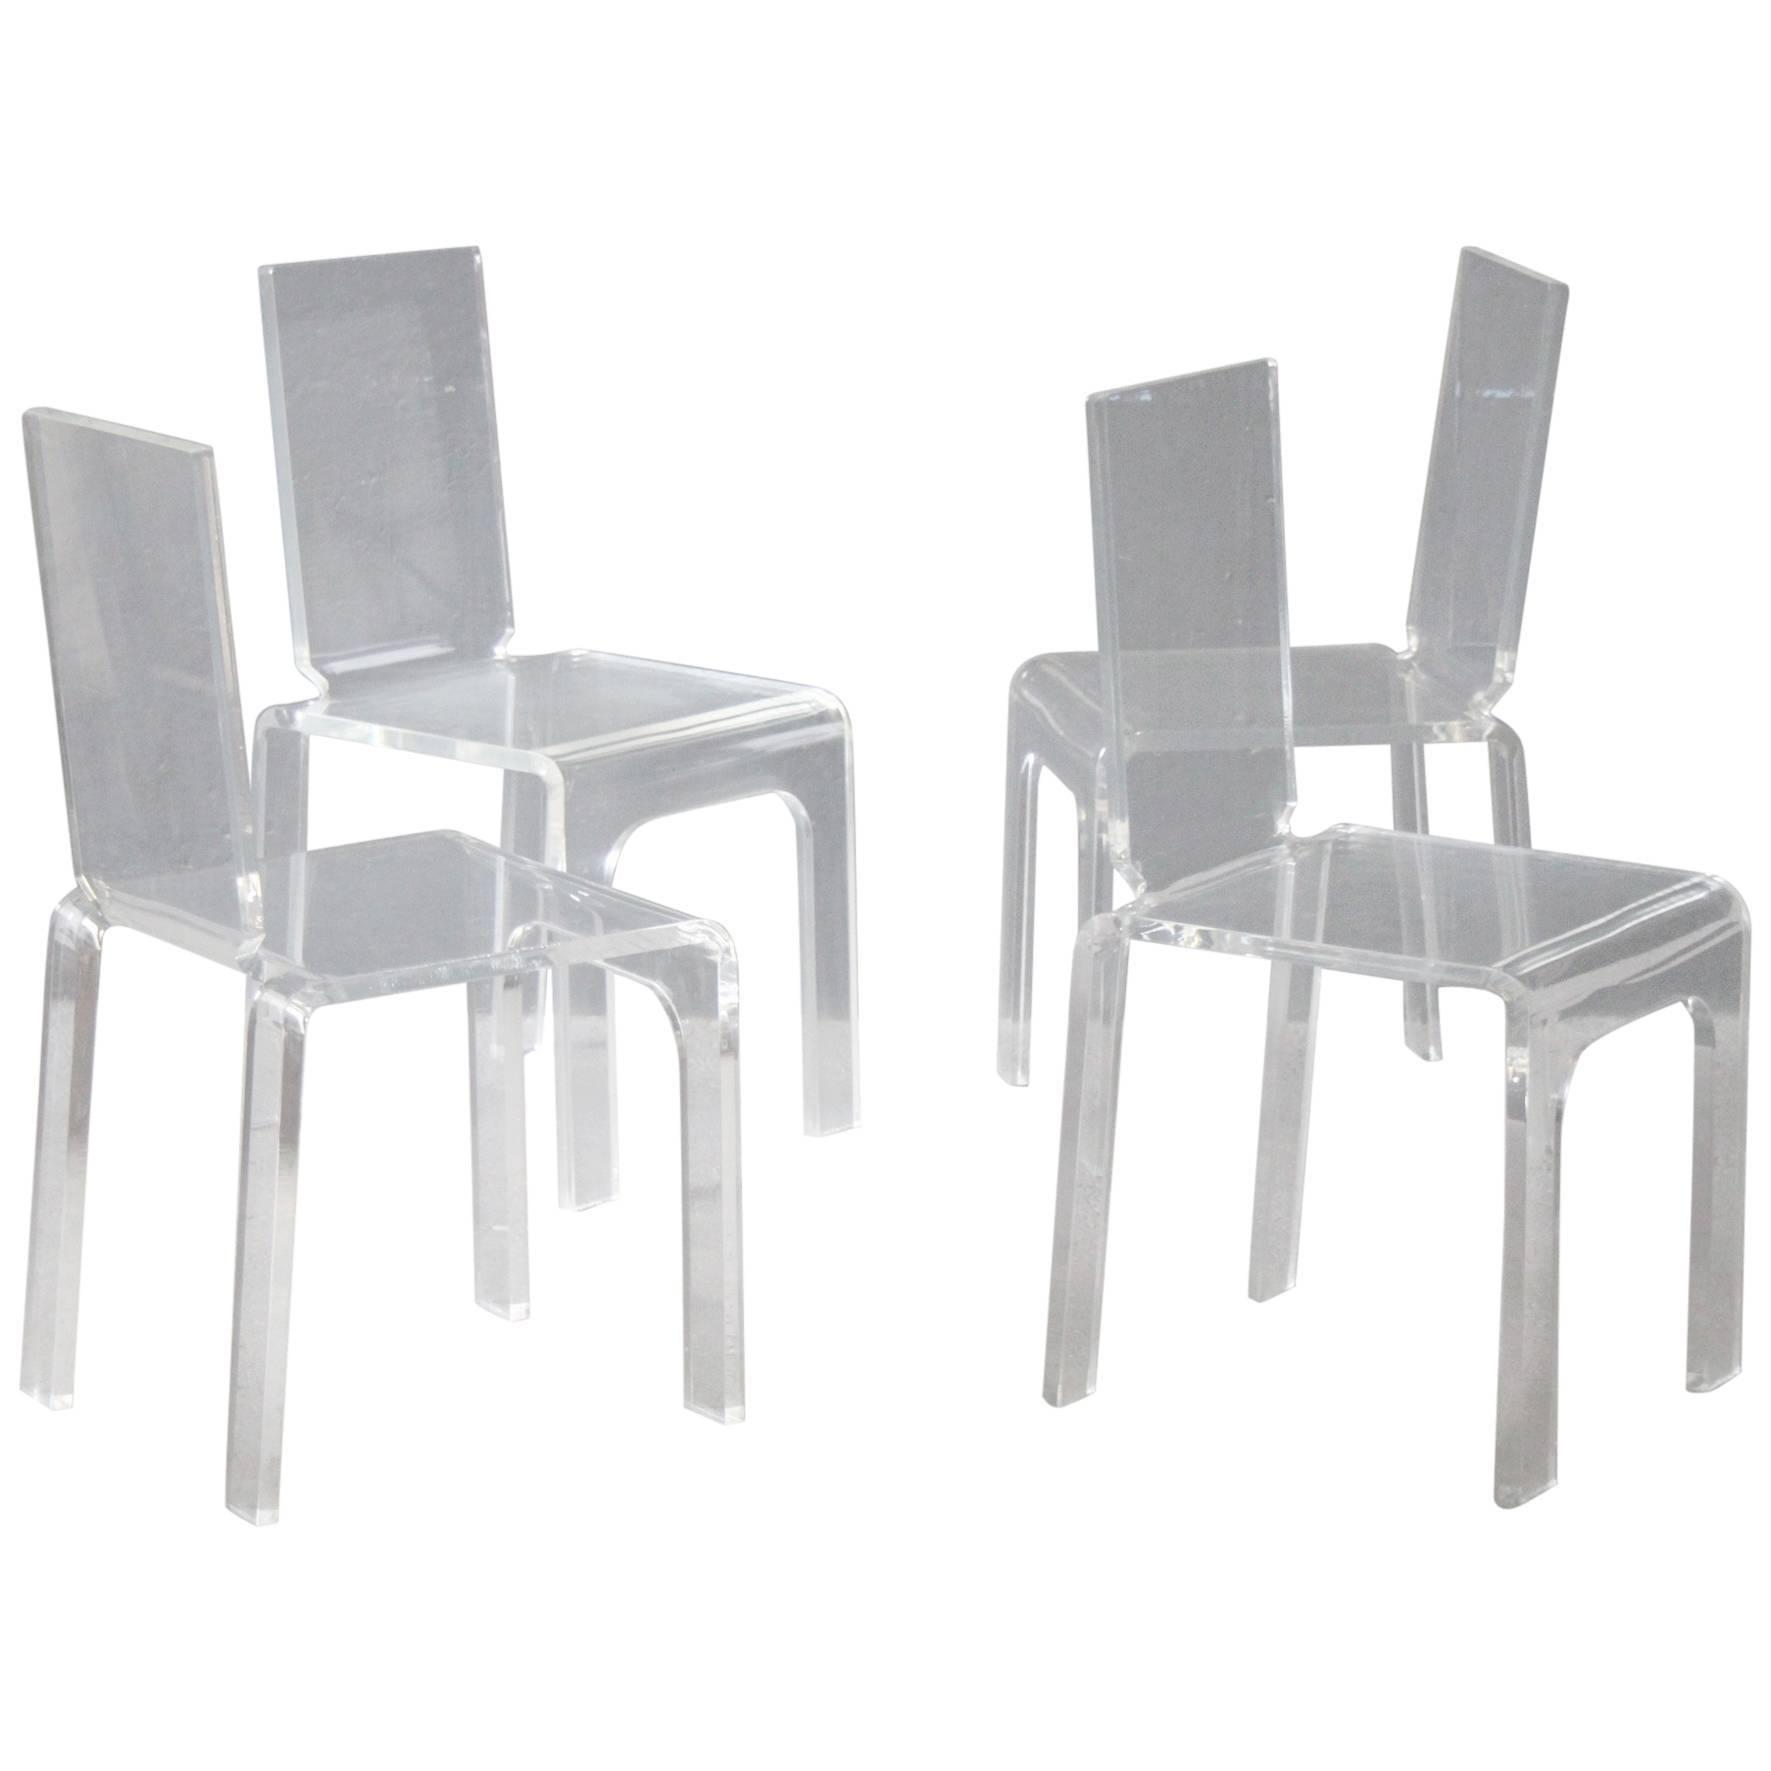 Four Plexiglass Chairs